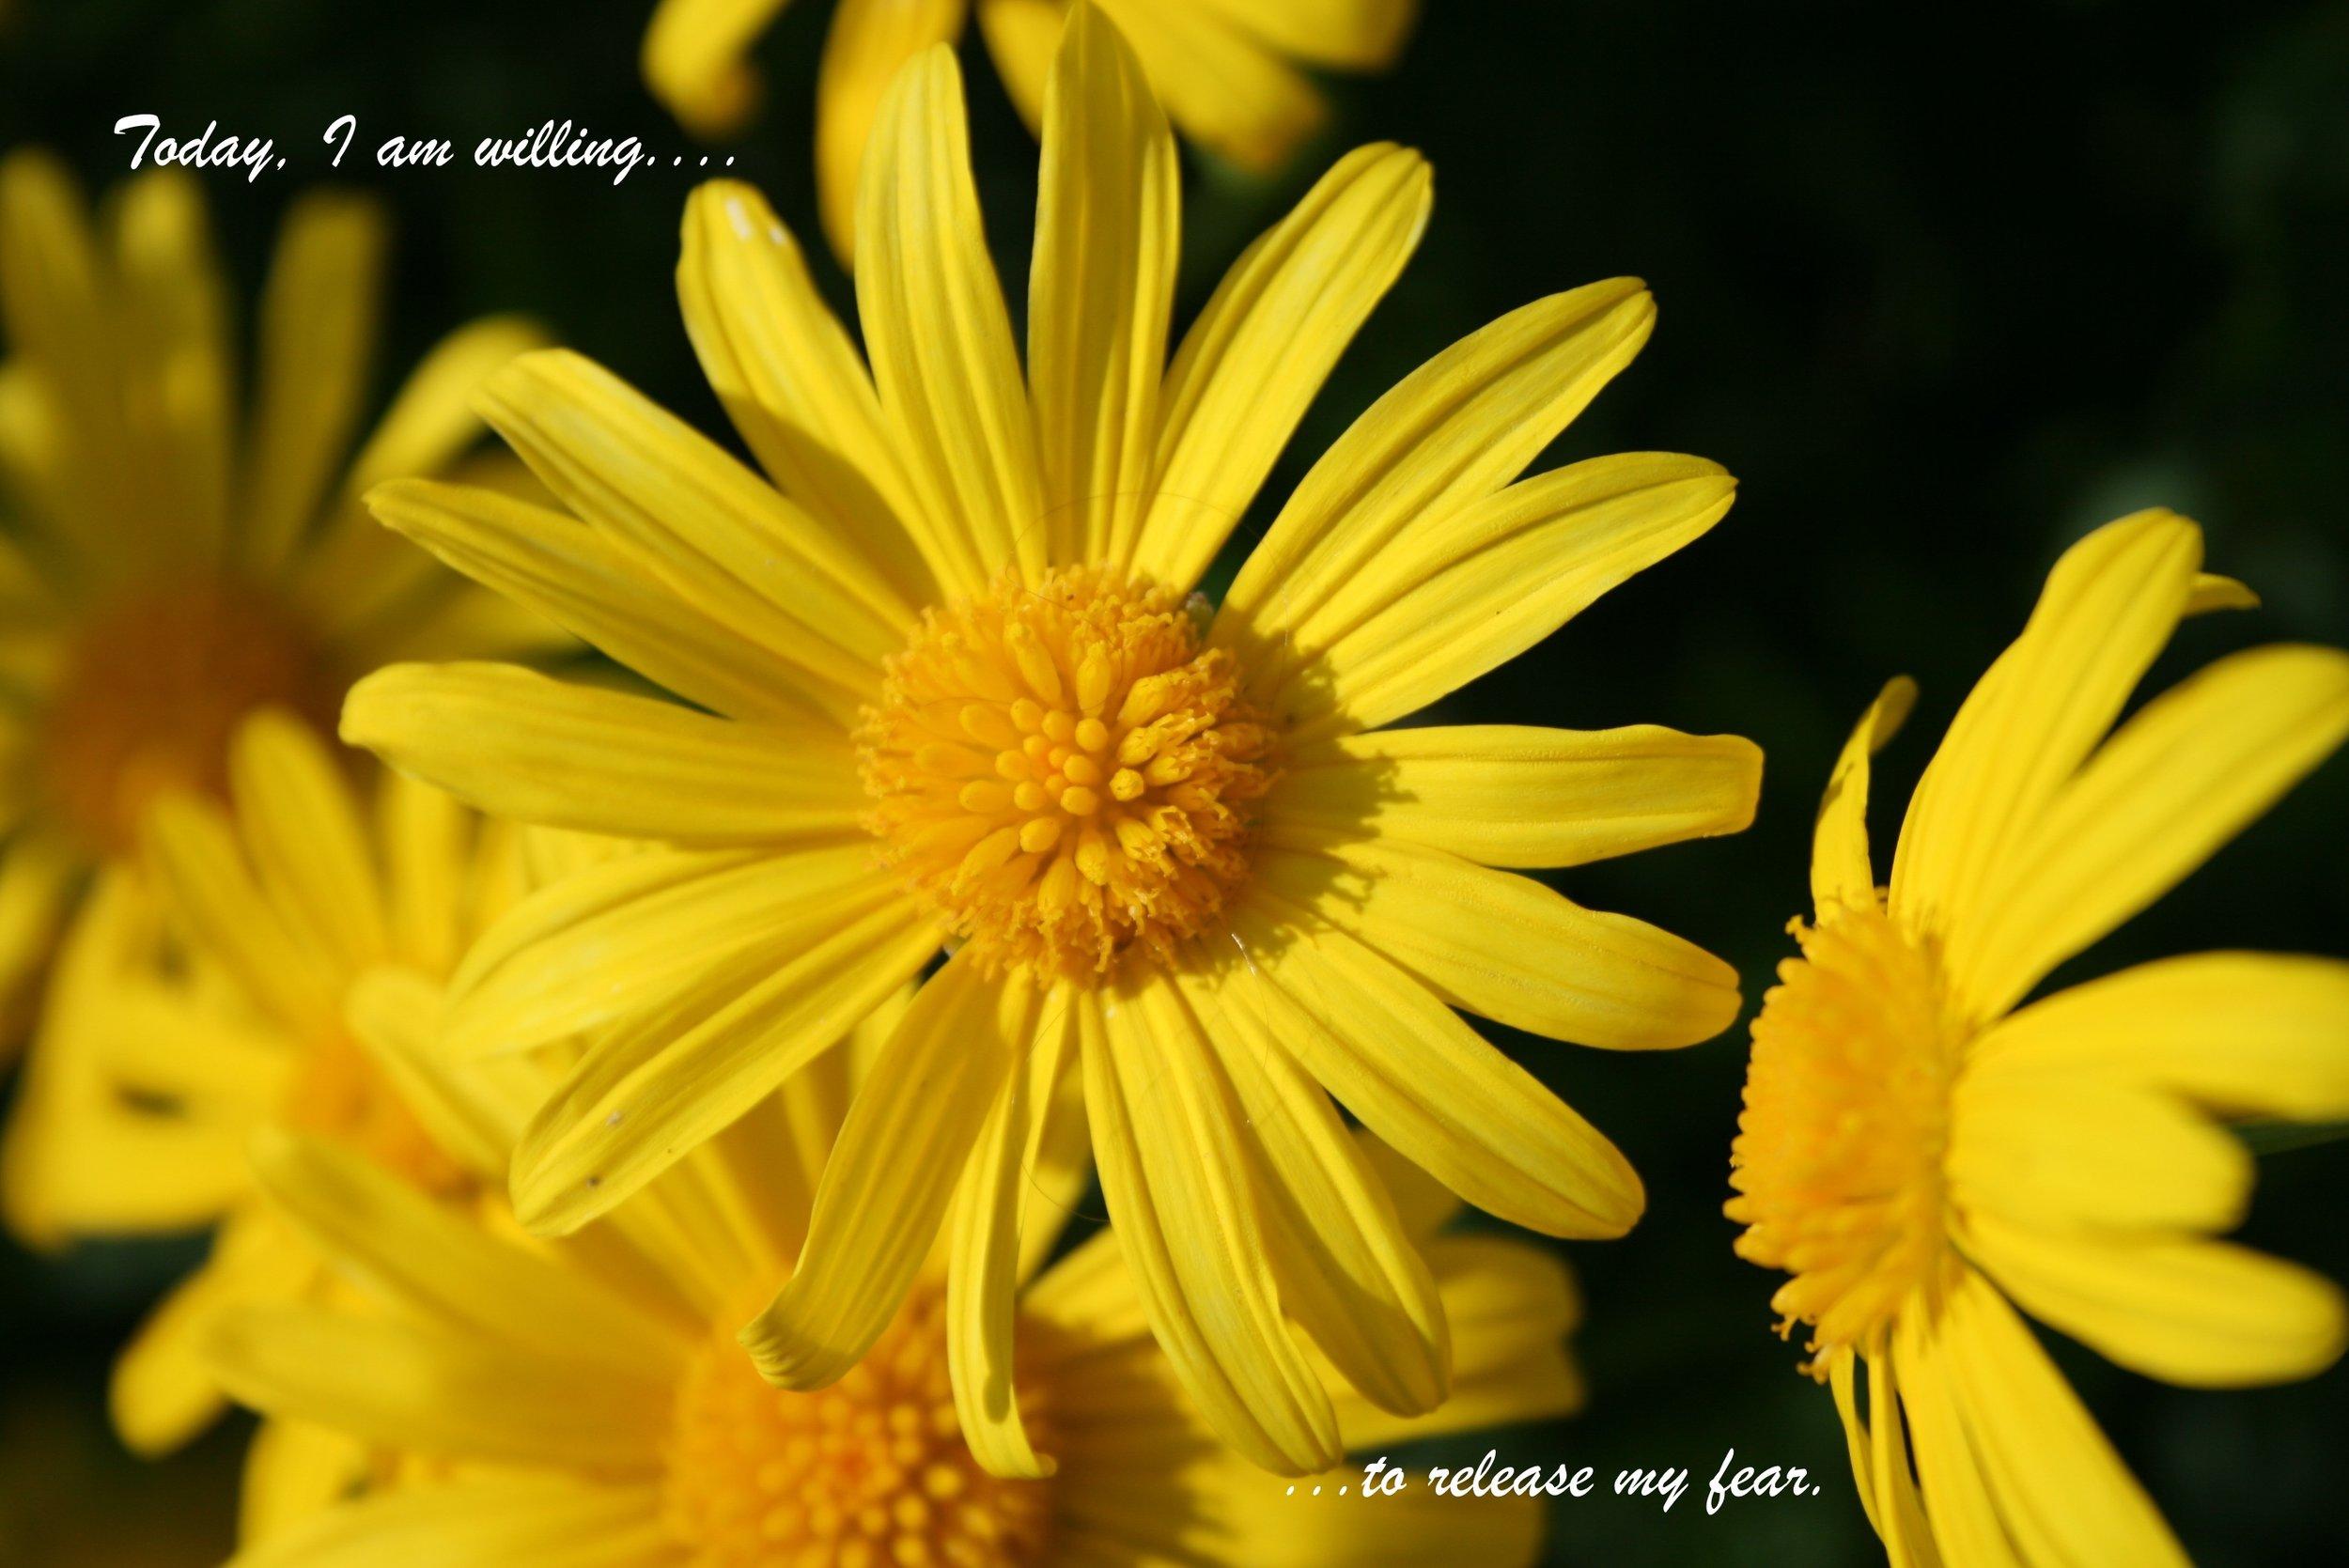 Yellow flower_release my fear.jpg